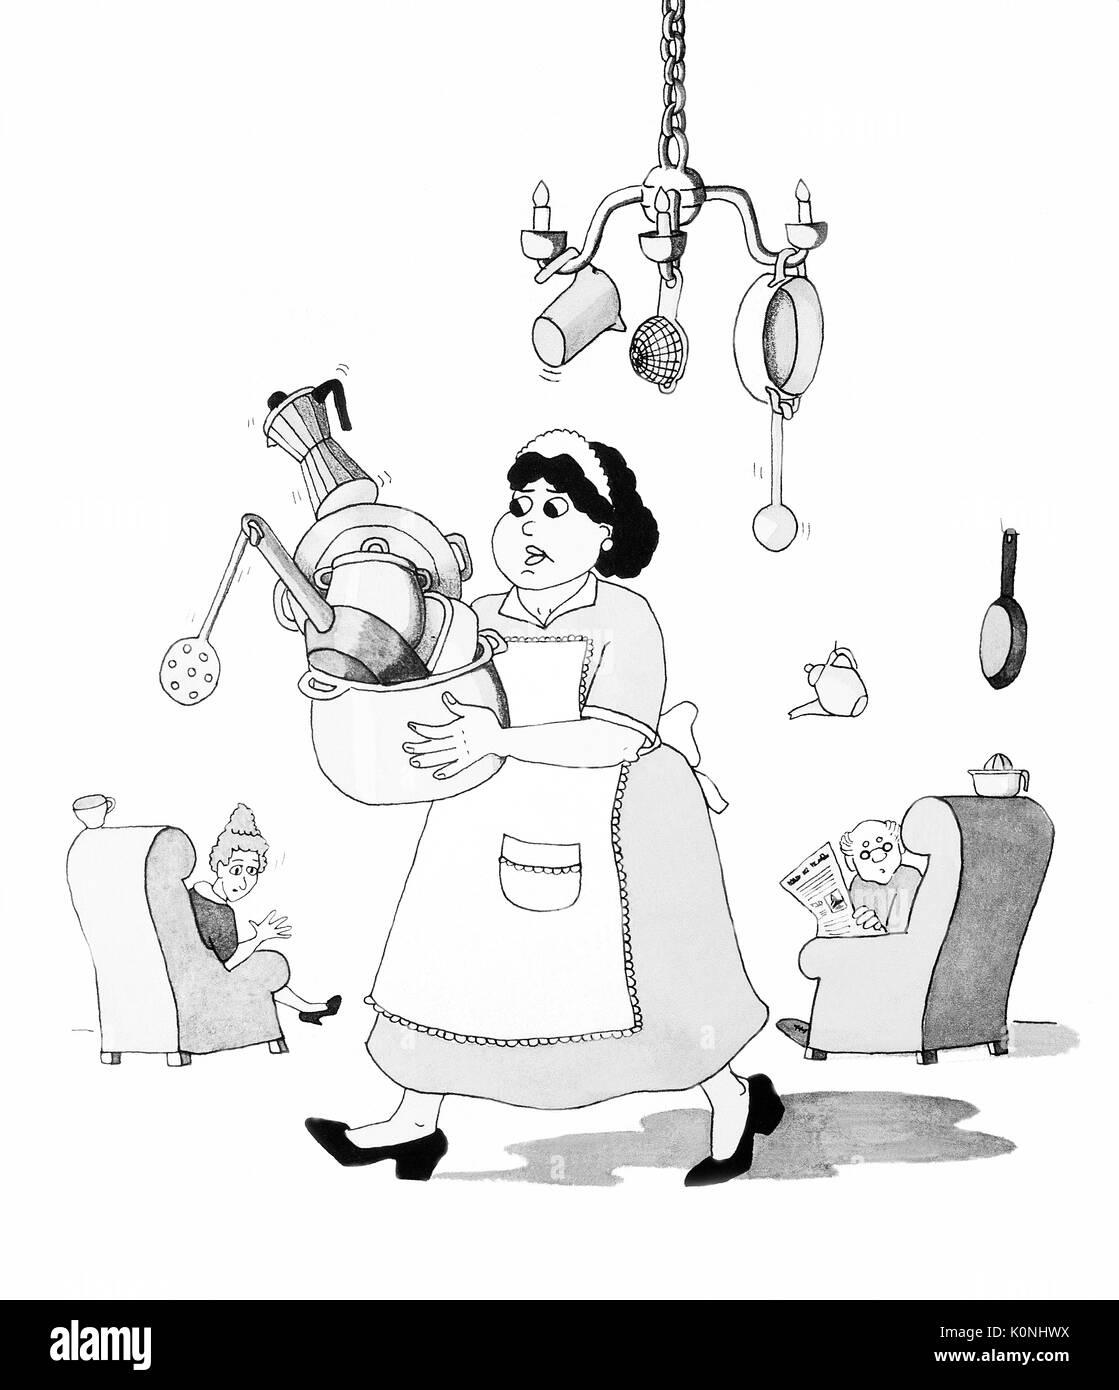 Housemaid doing  strange things. Illustration. Stock Photo